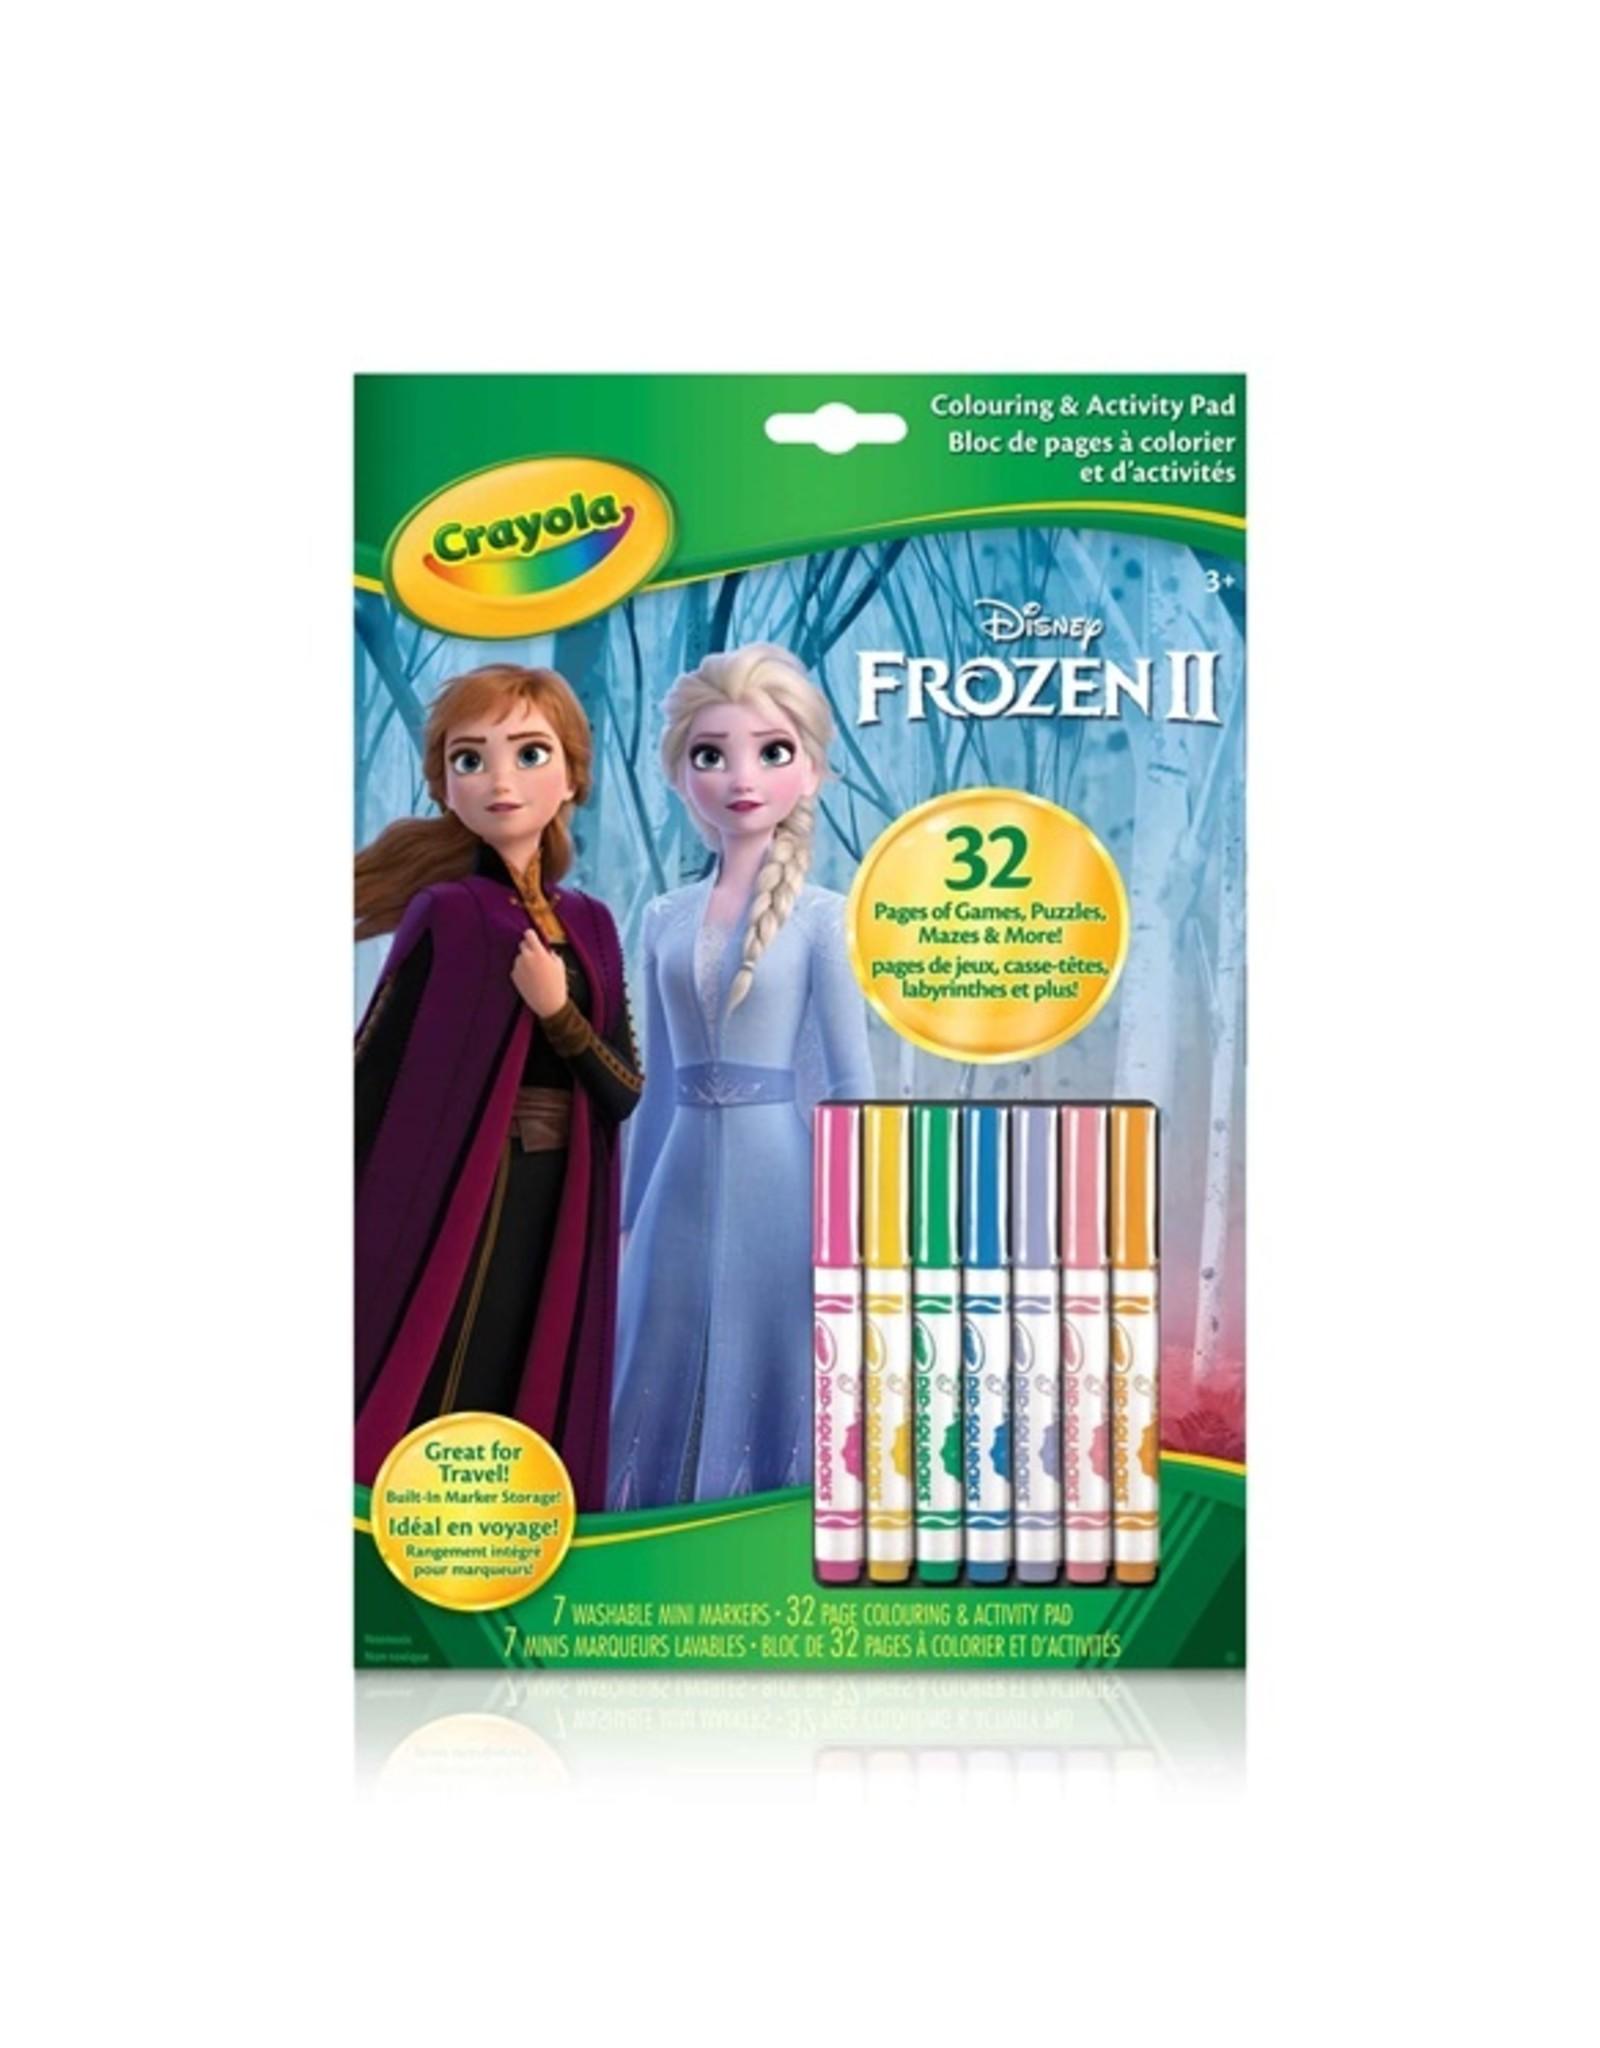 Crayola Frozen 2 - CA 7 mrkr